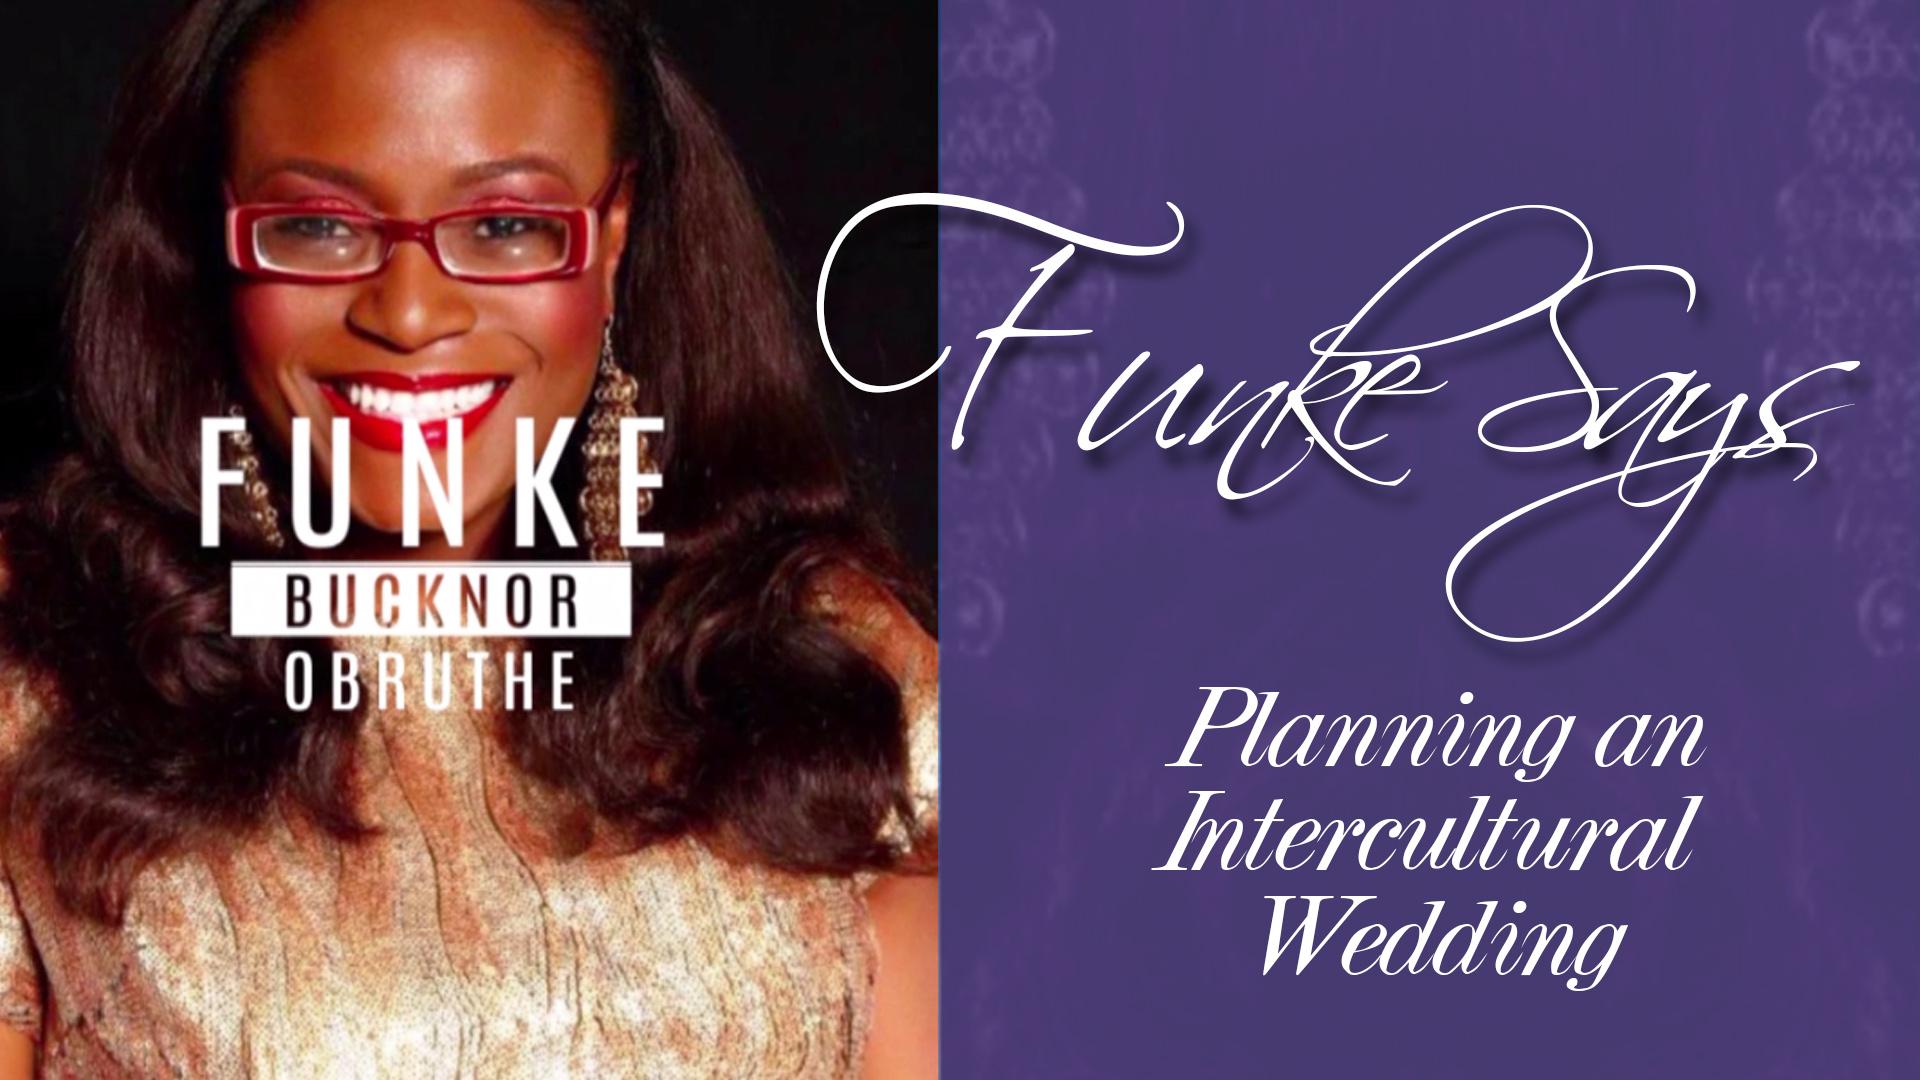 funke says